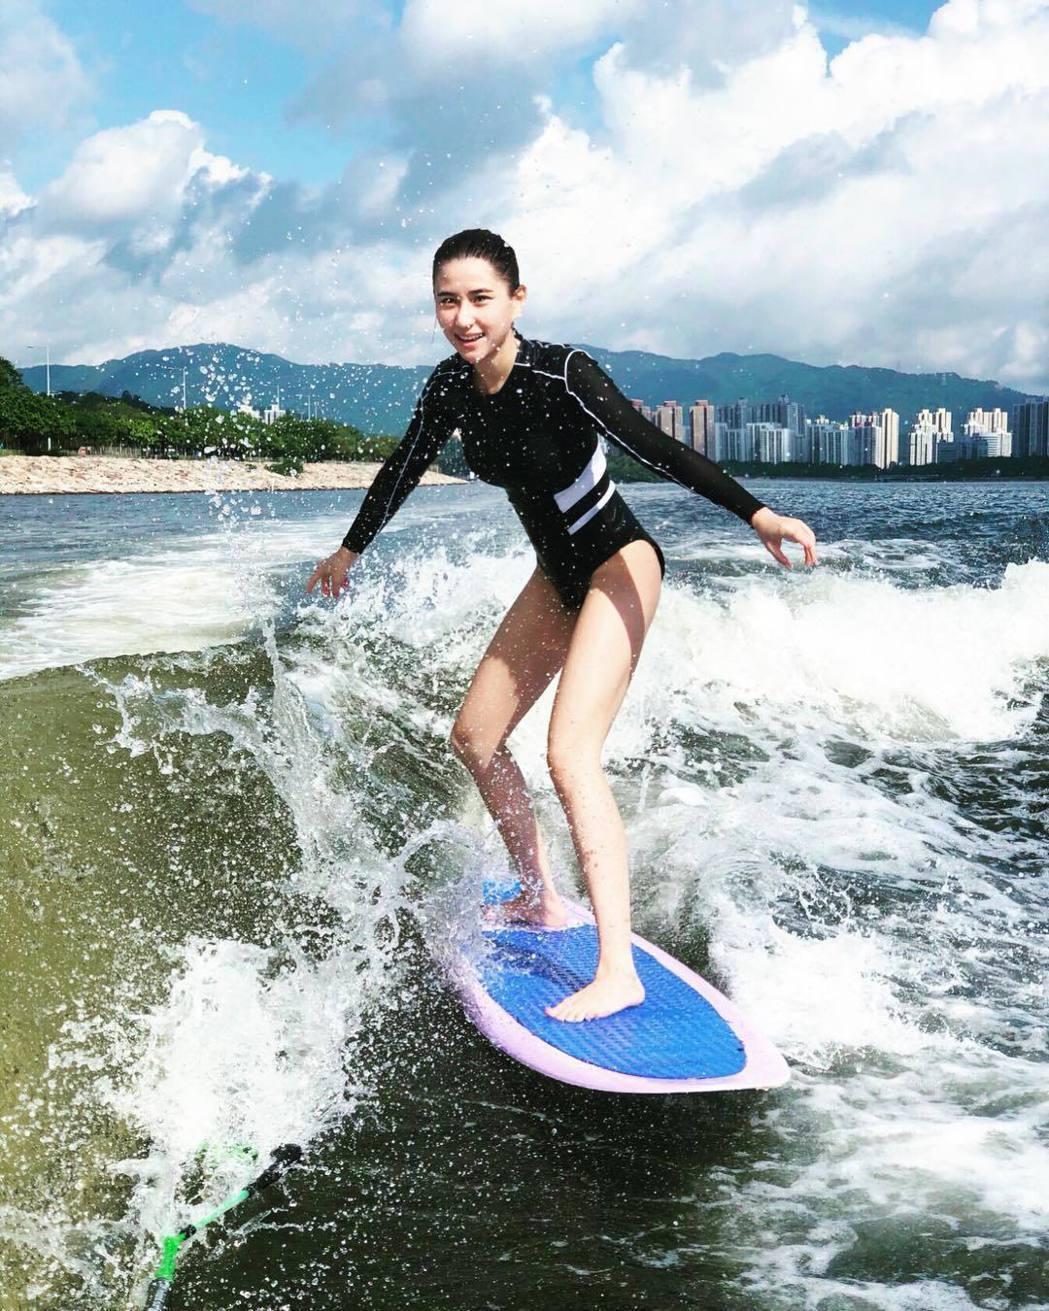 何超蓮近期開始接觸Wakesurf(快艇衝浪)。圖/摘自IG